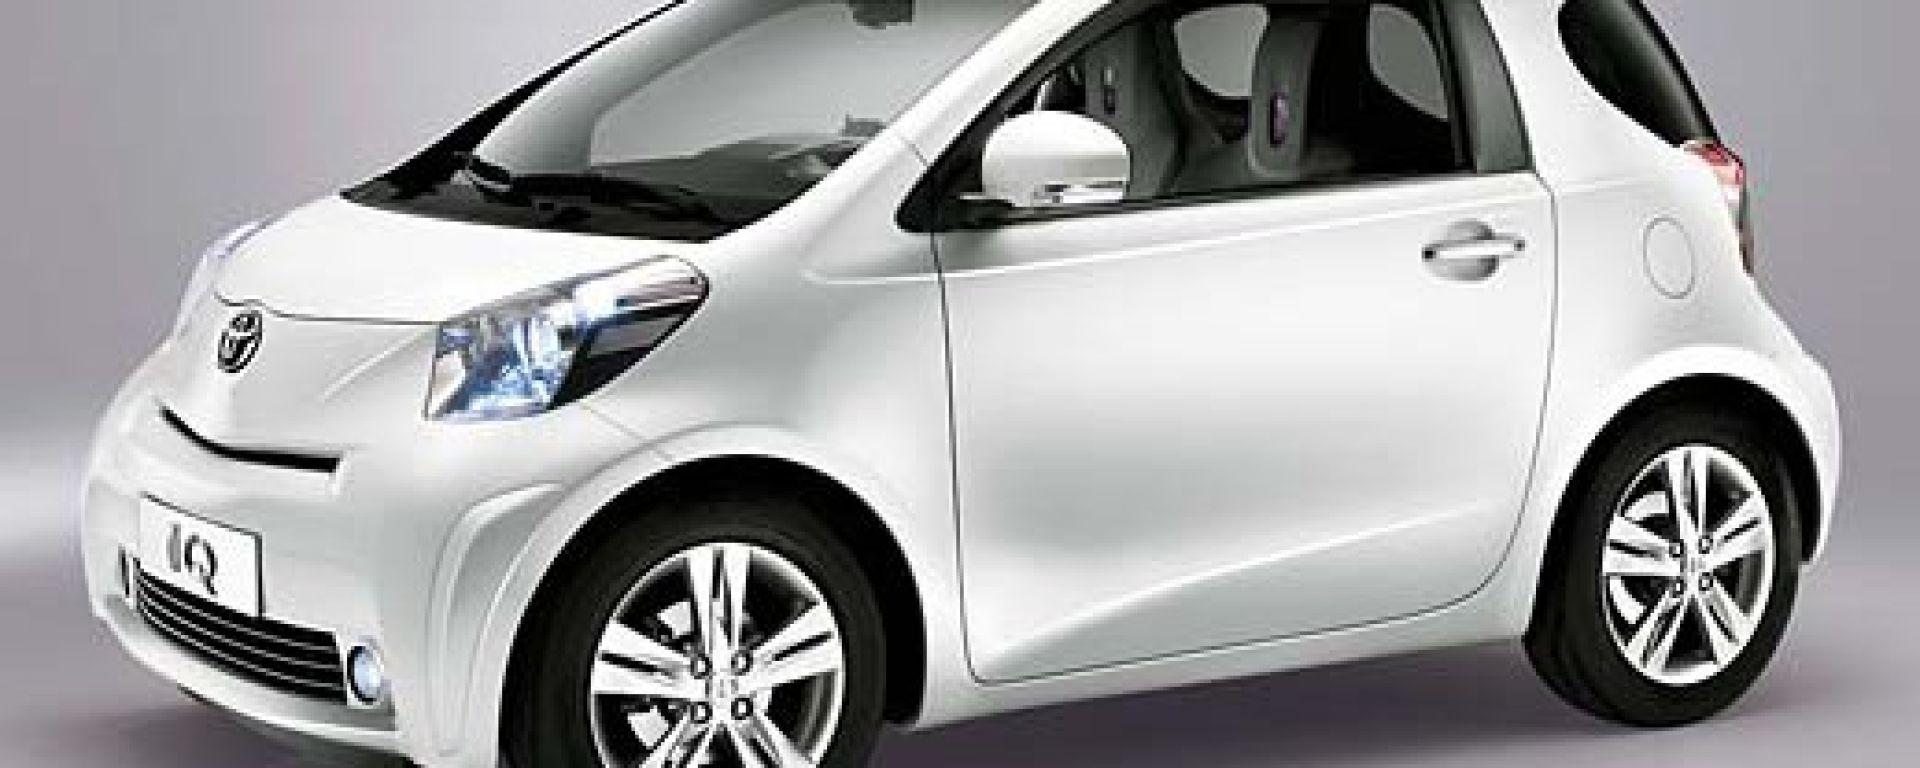 Toyota iQ 2009